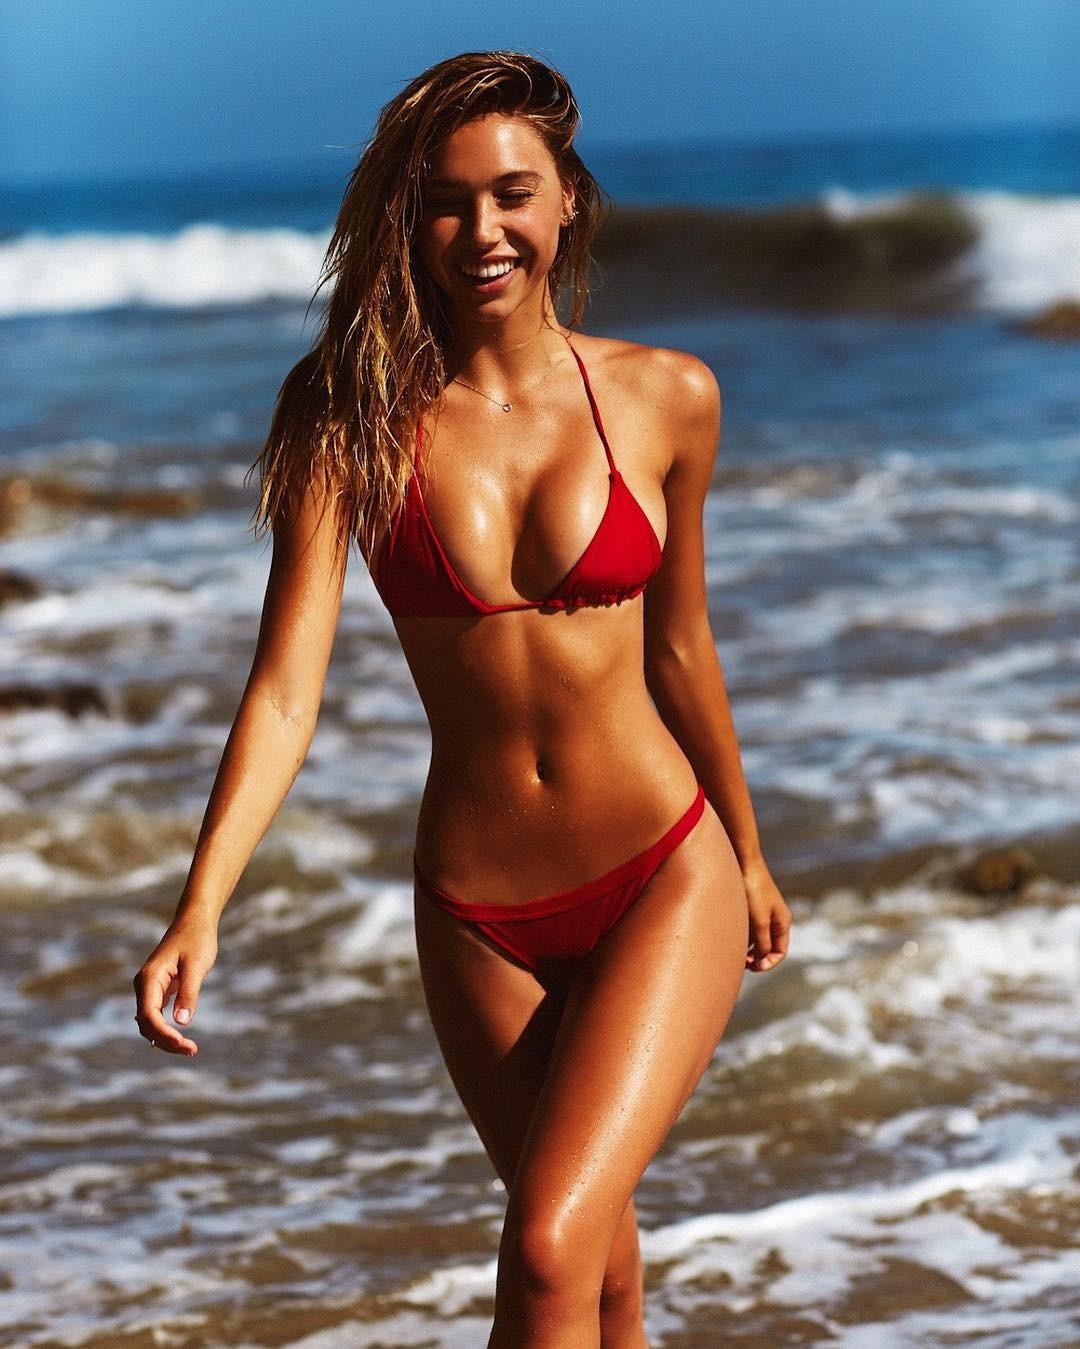 paren-trahnul-aleksis-v-bikini-foto